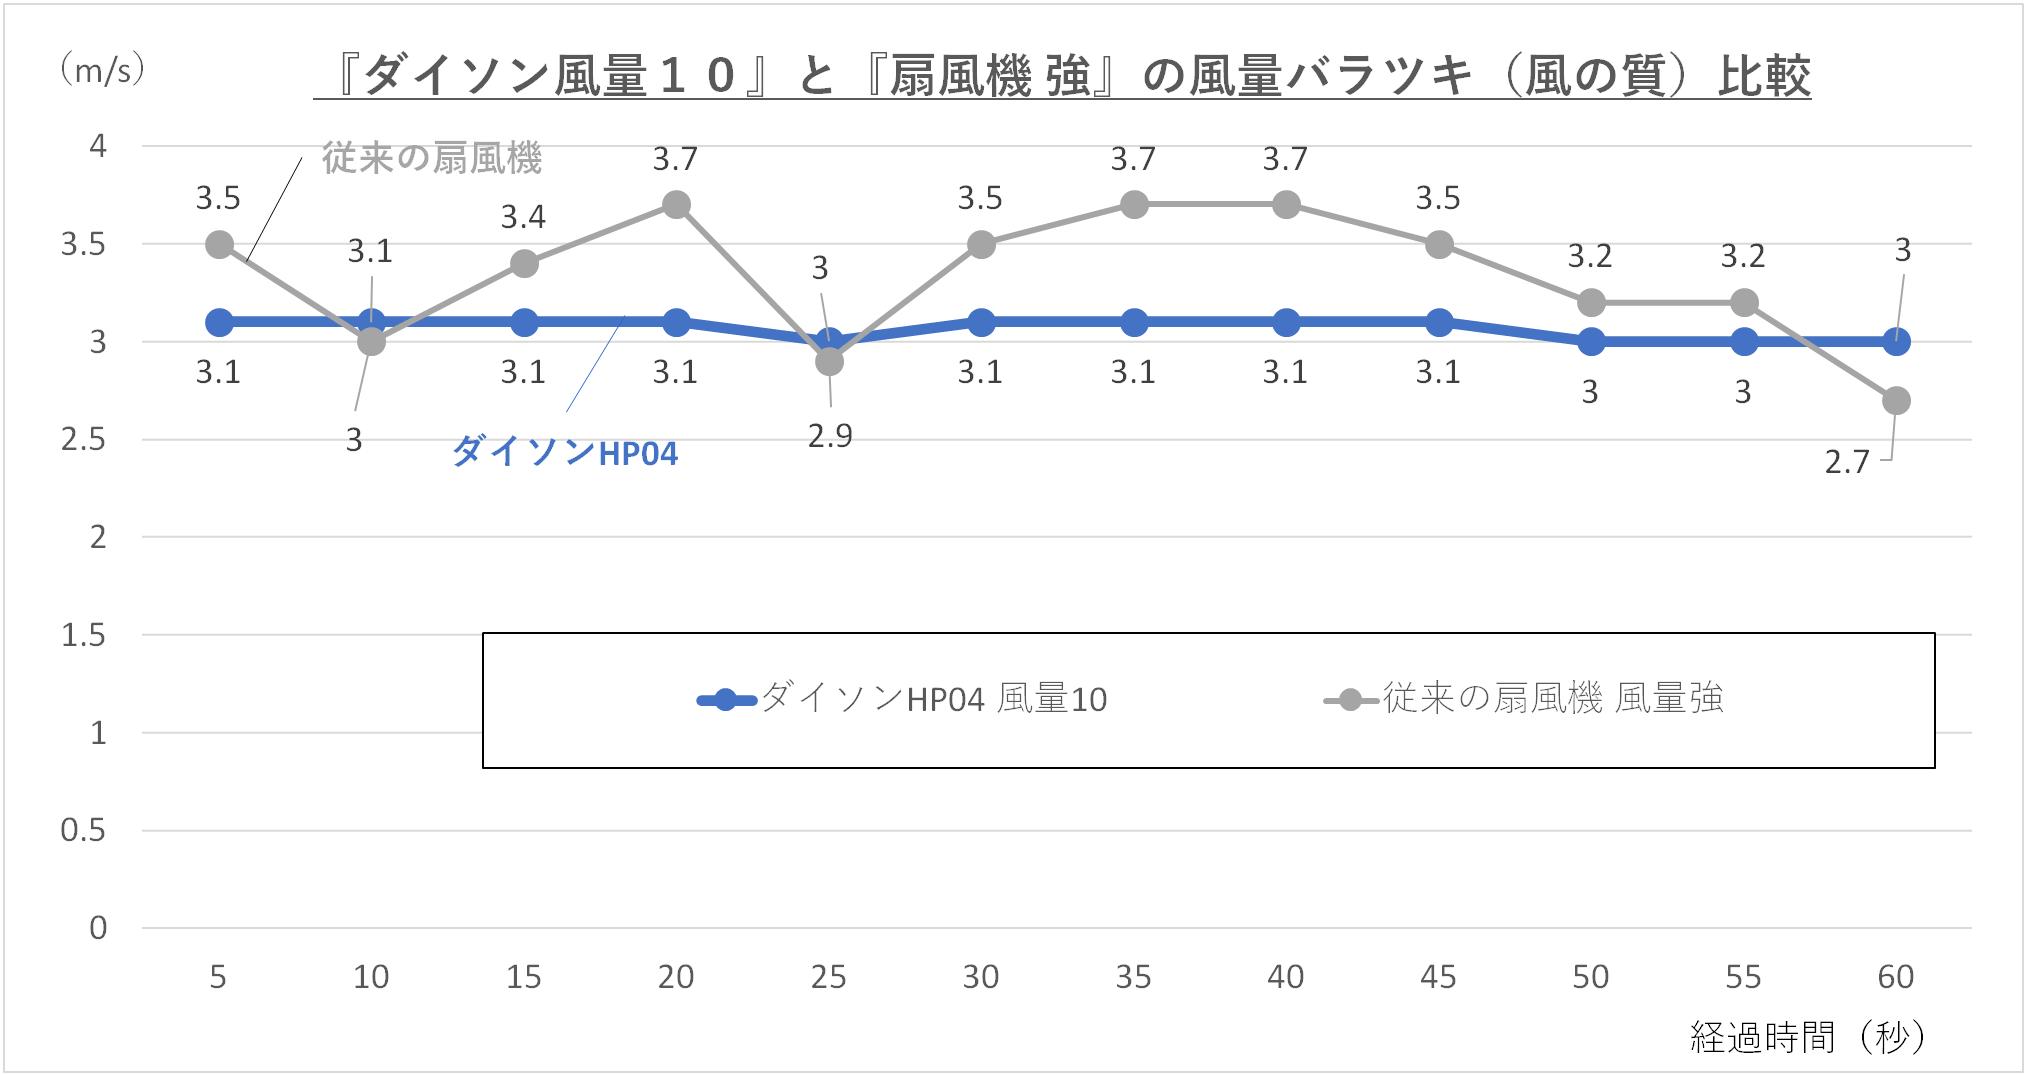 『ダイソン風量10』と『扇風機 強』の風量のバラツキを比較しているグラフ